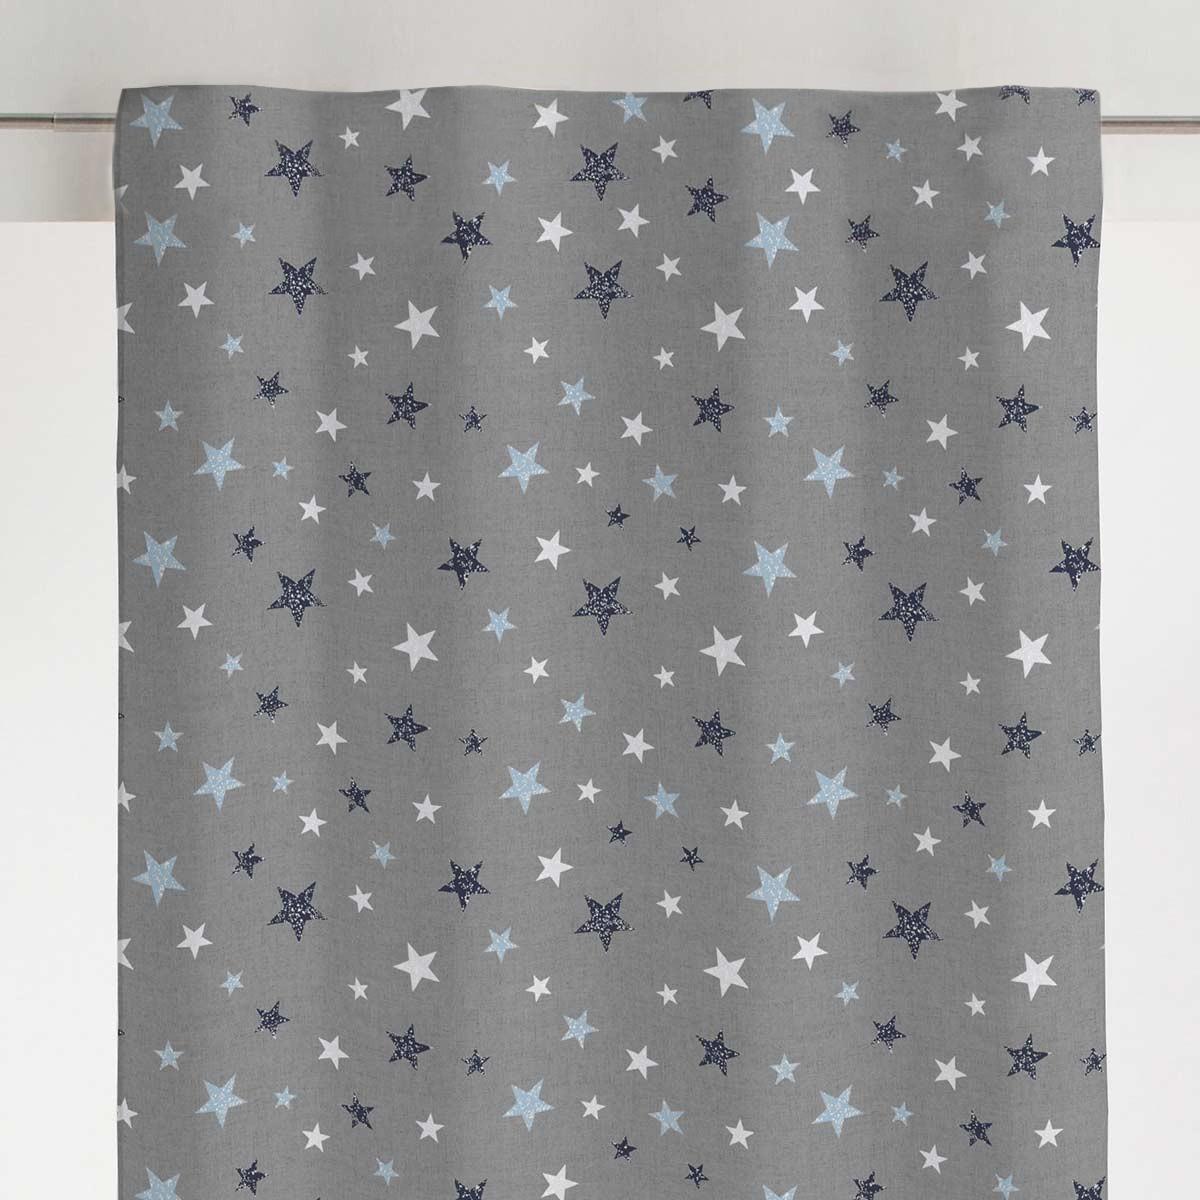 Παιδική Κουρτίνα (280x270) Viopros Curtains Σκάι Μπλε